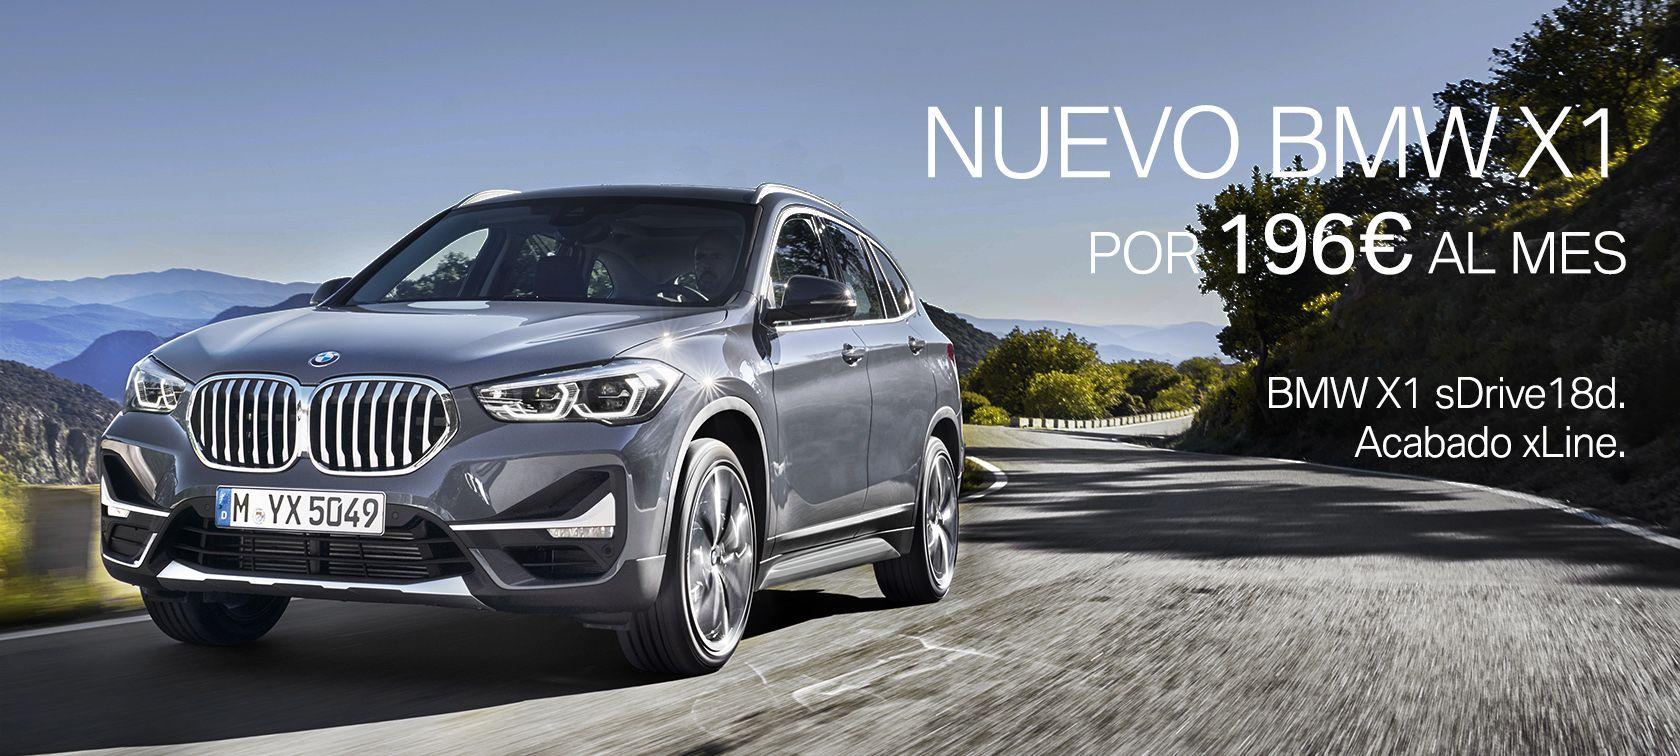 BMW X1 por 196€ al mes